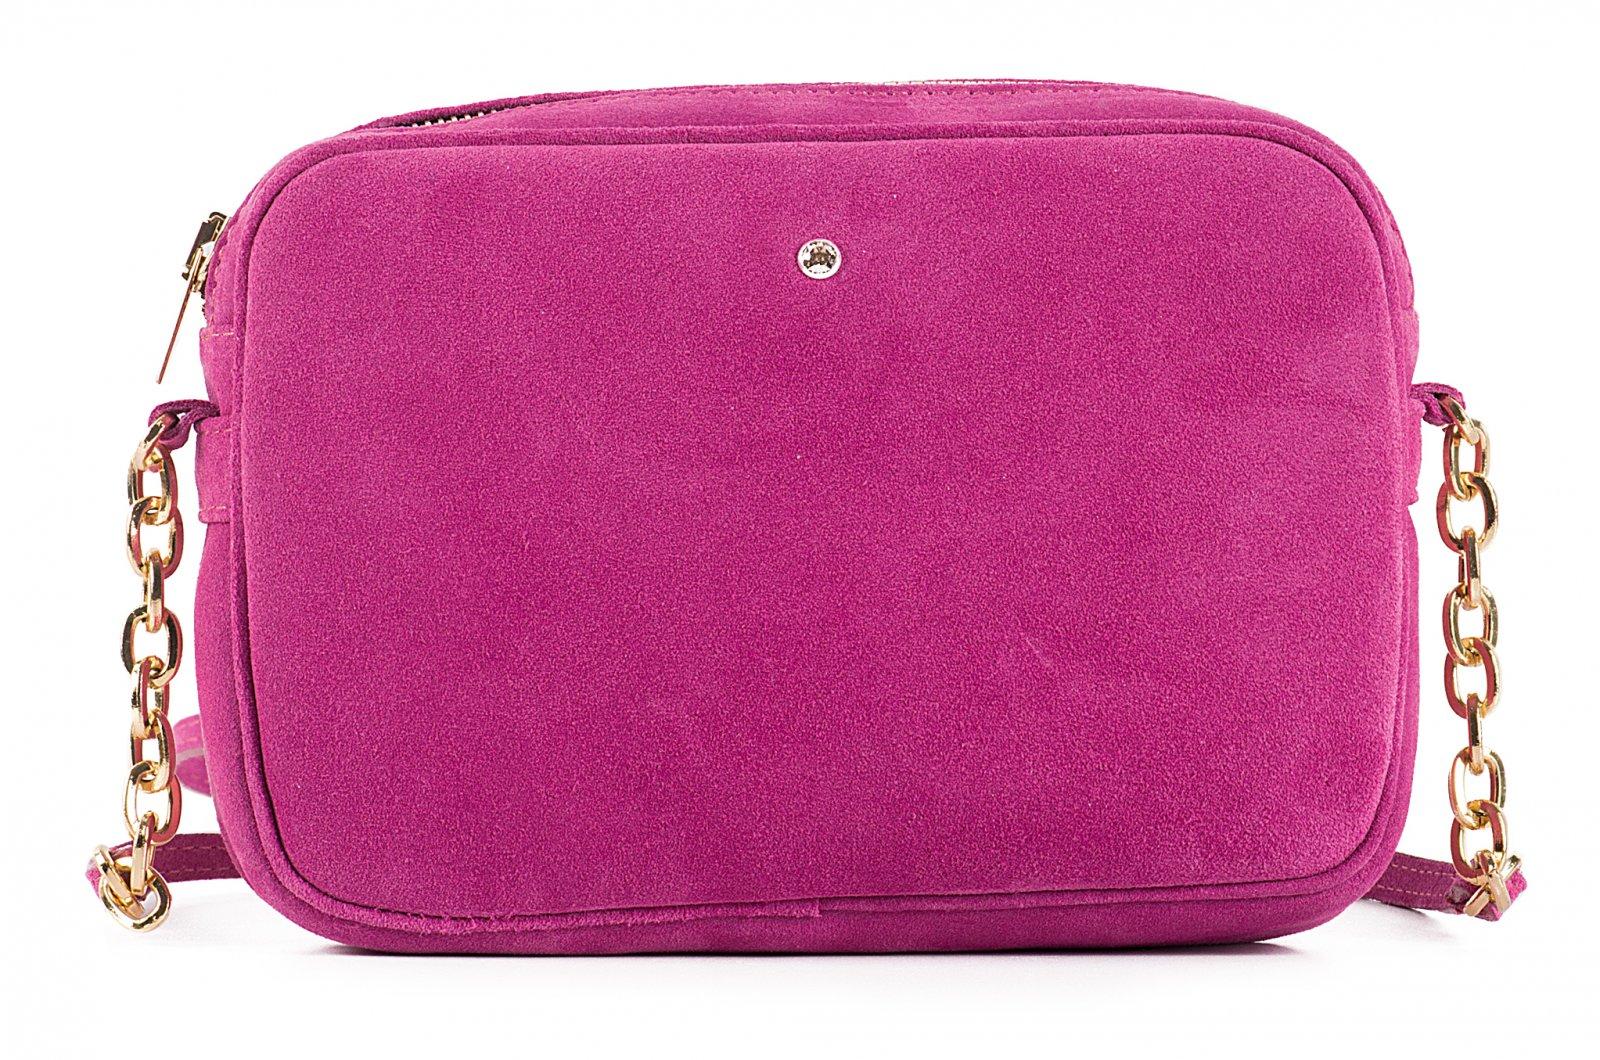 Malé dámské semišové kožené kabelky 31304/Z40 Petronela růžové Wojewodzic